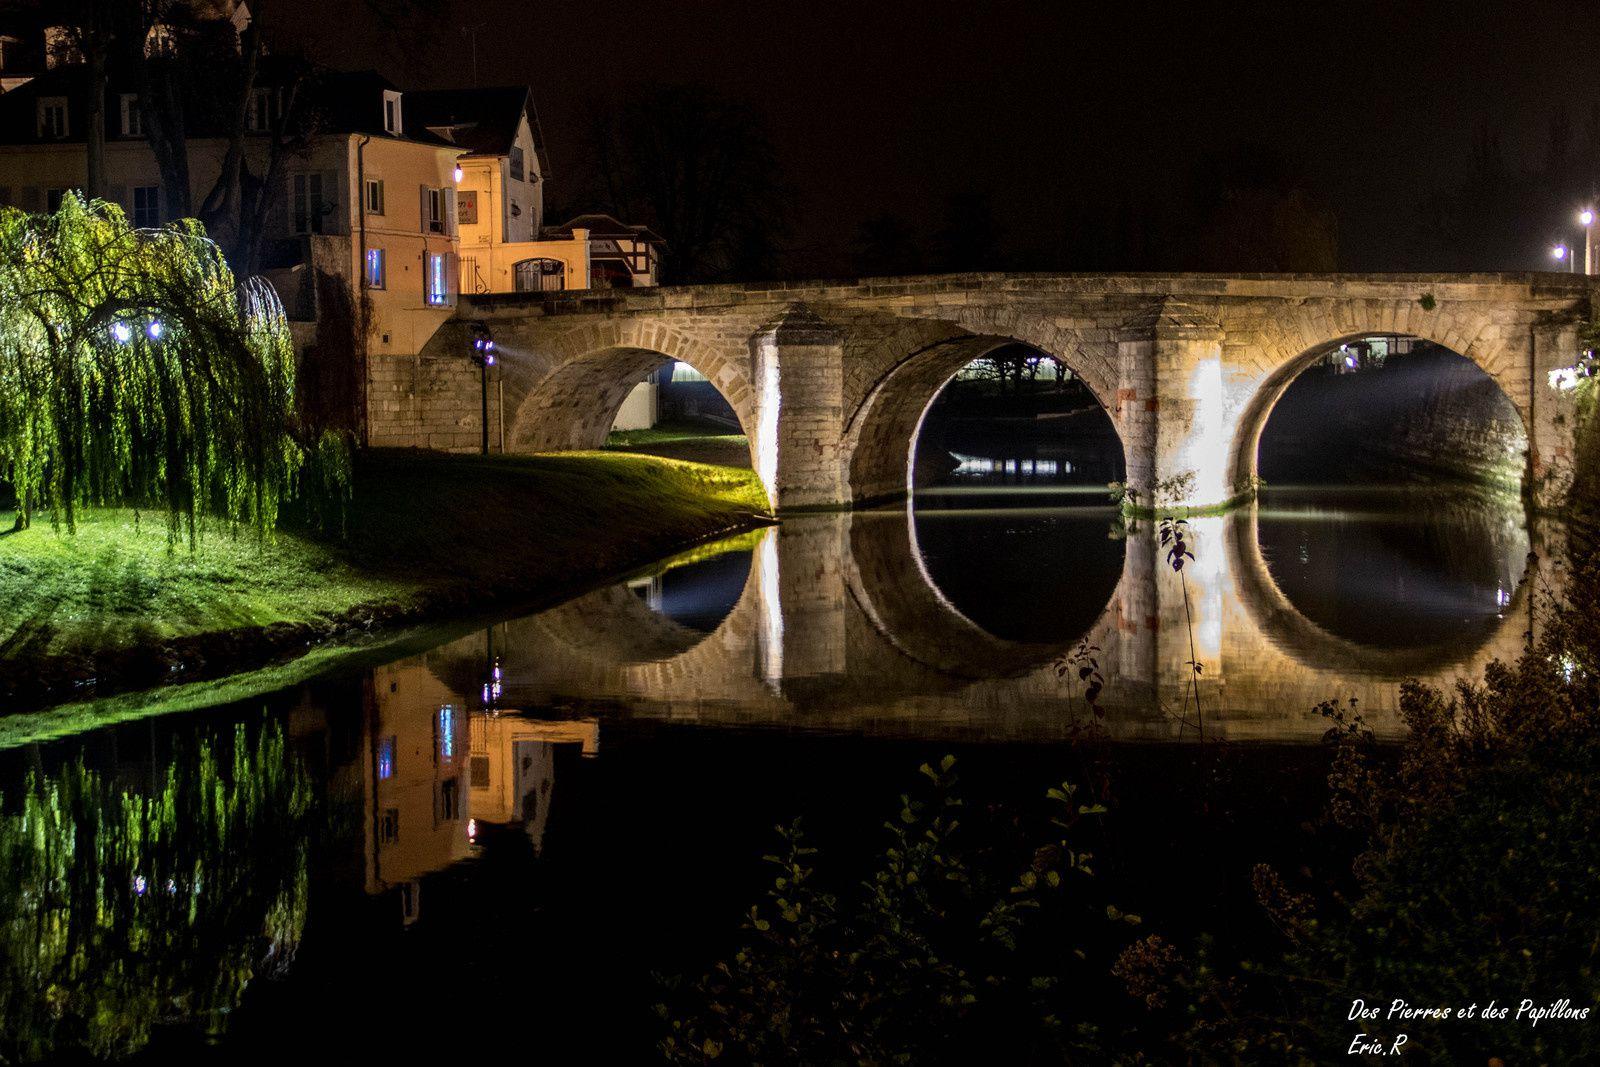 Le portail de l'église, la rue principale, le musée d'art et histoire Senlecq, le pont du Cabouillet sur l'Oise, le Castelrose.